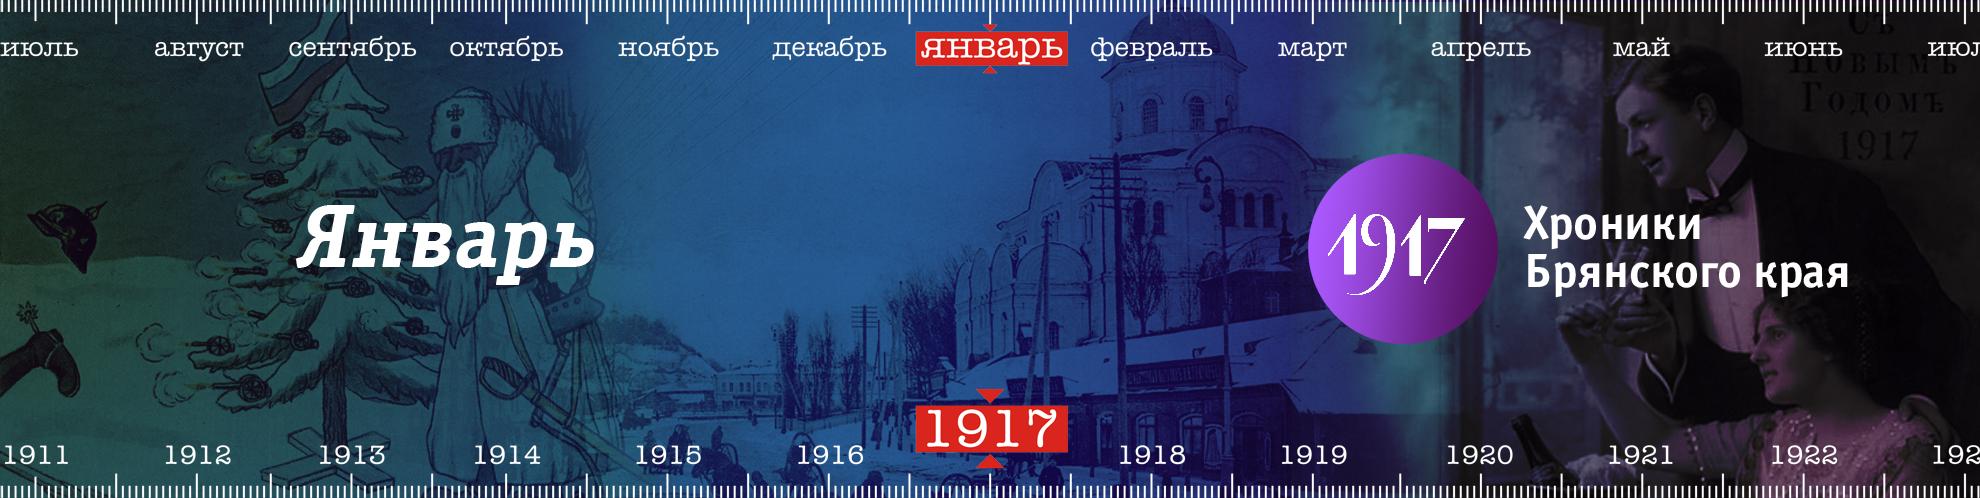 1917. Хроники Брянского края - Январь